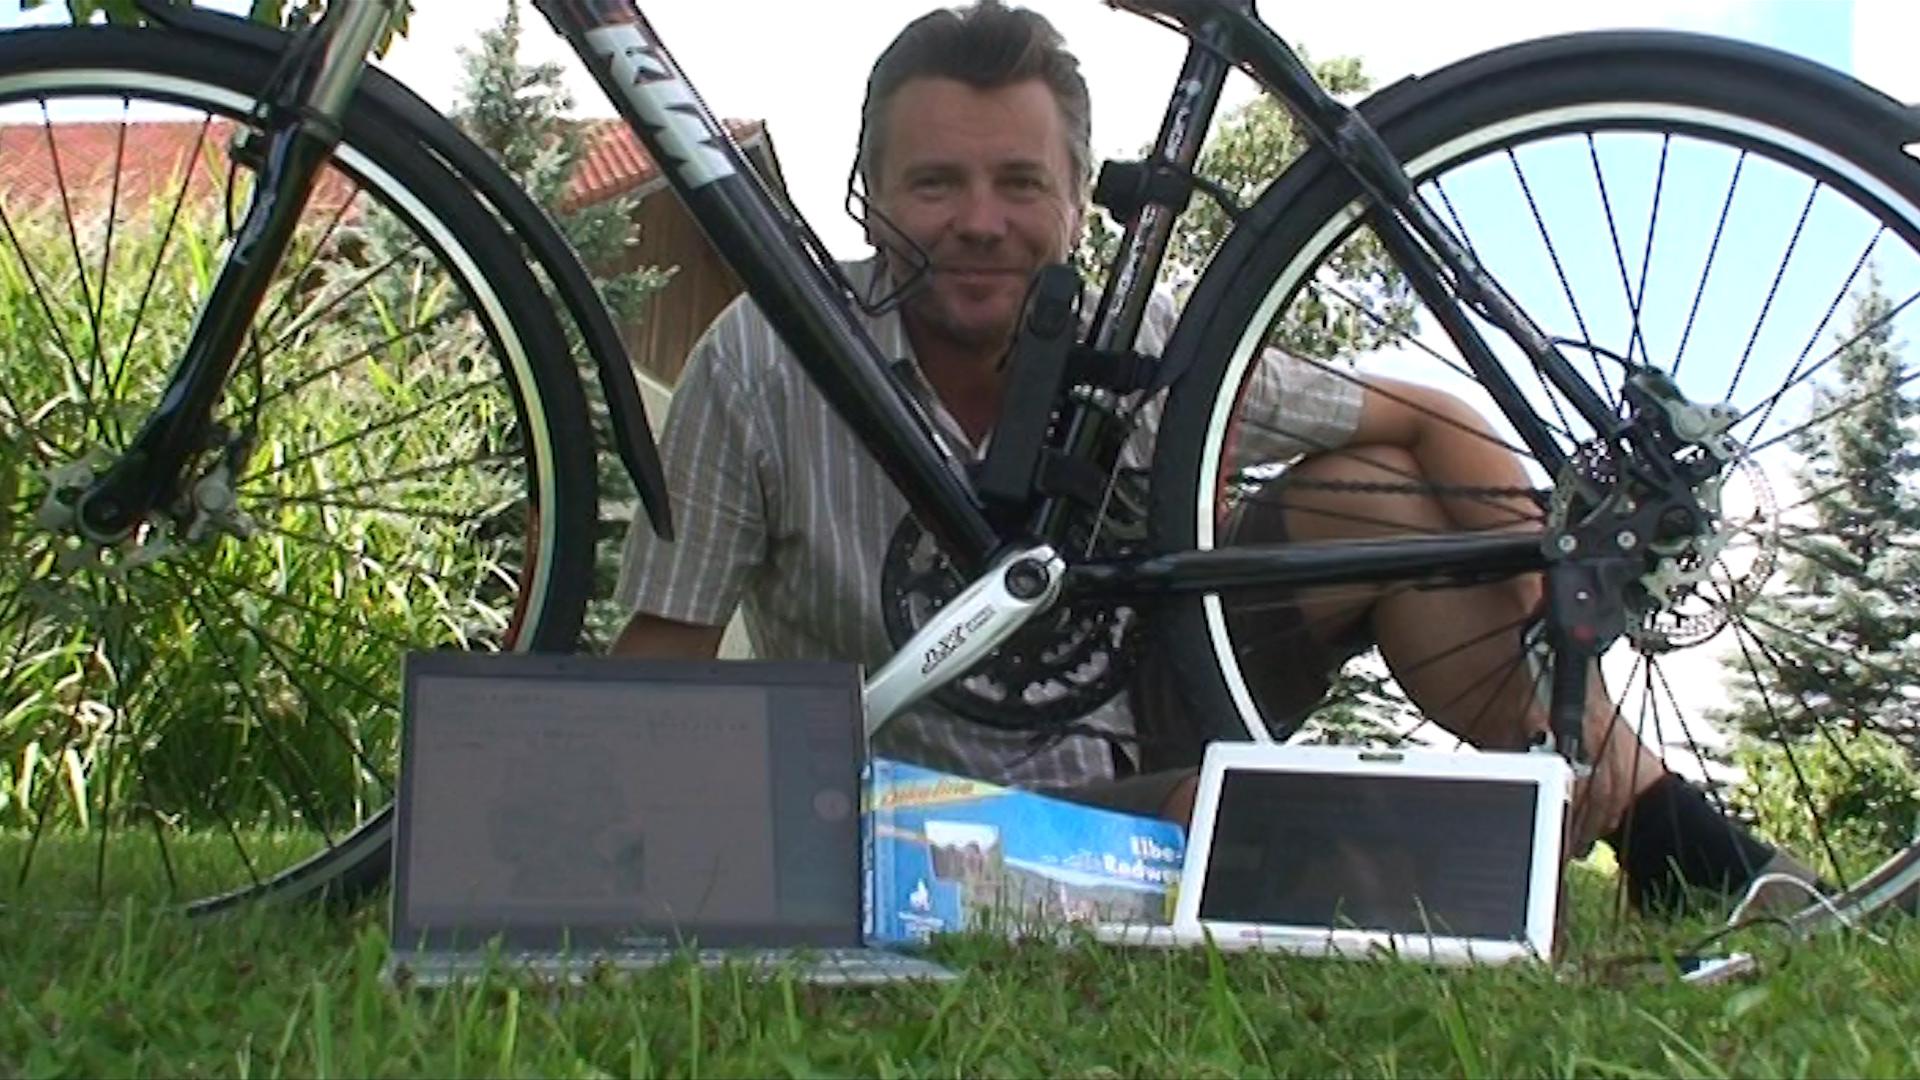 Fahrrad-Navigation: Das müssen Sie darüber wissen